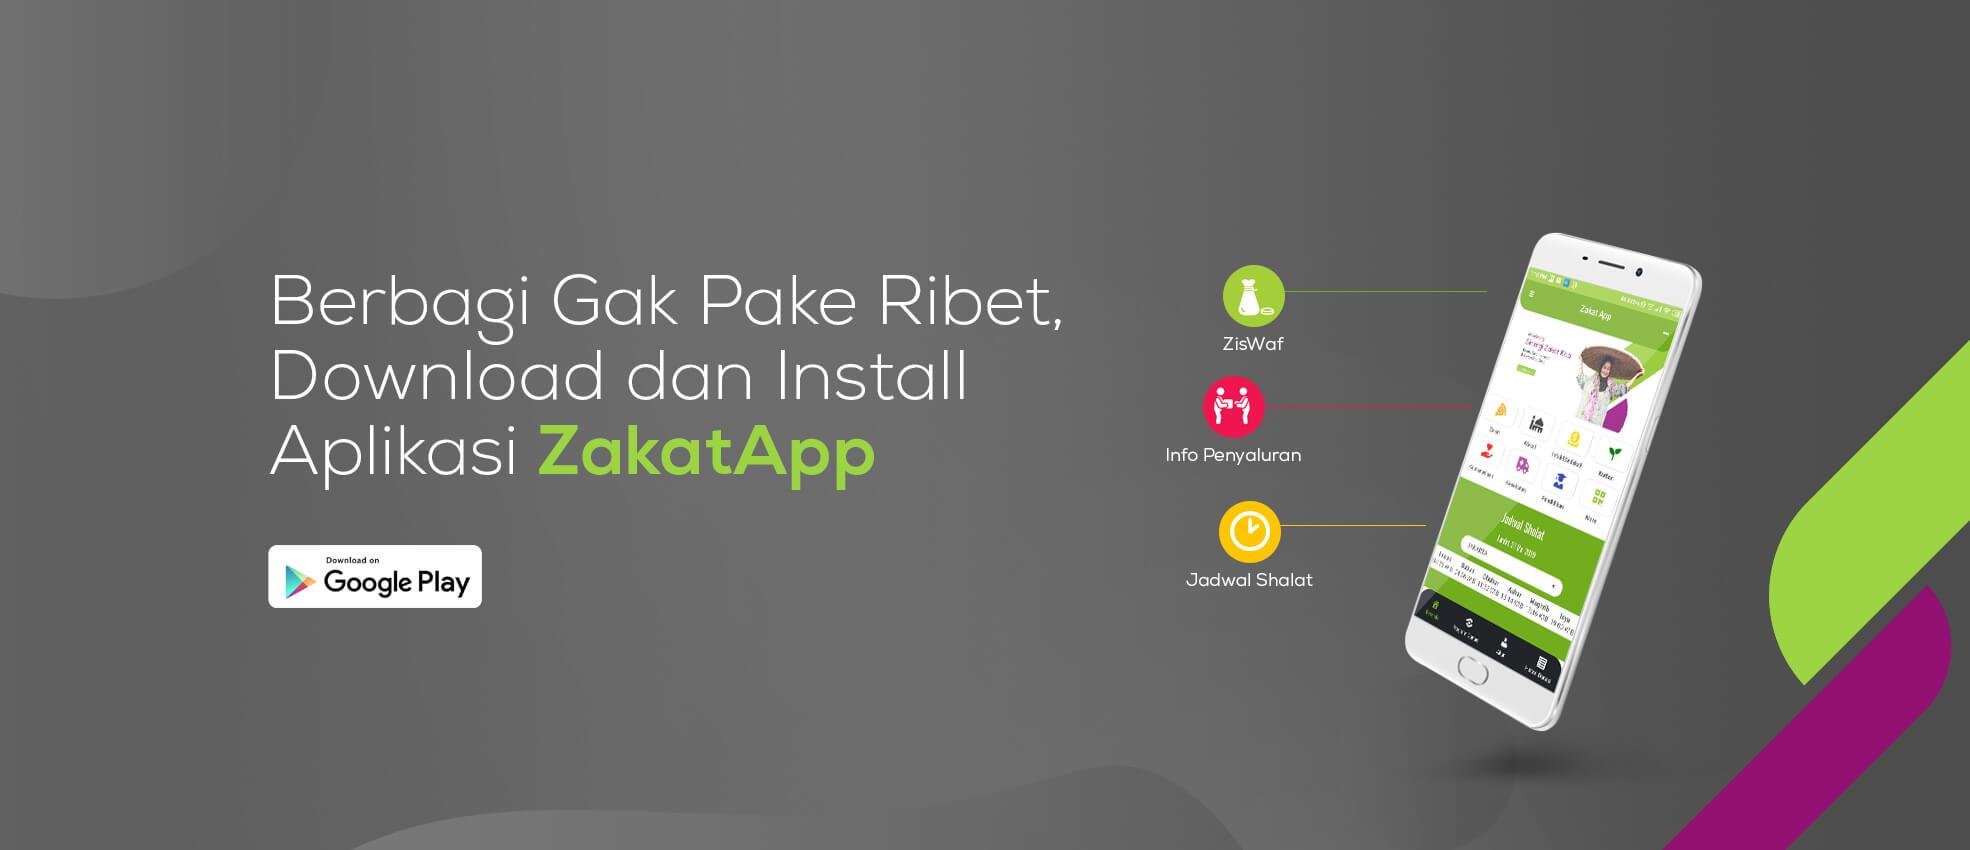 download zakat app, sinergi foundation, sinergi kebaikan, berbagi kebaikan, berkah ramadhan